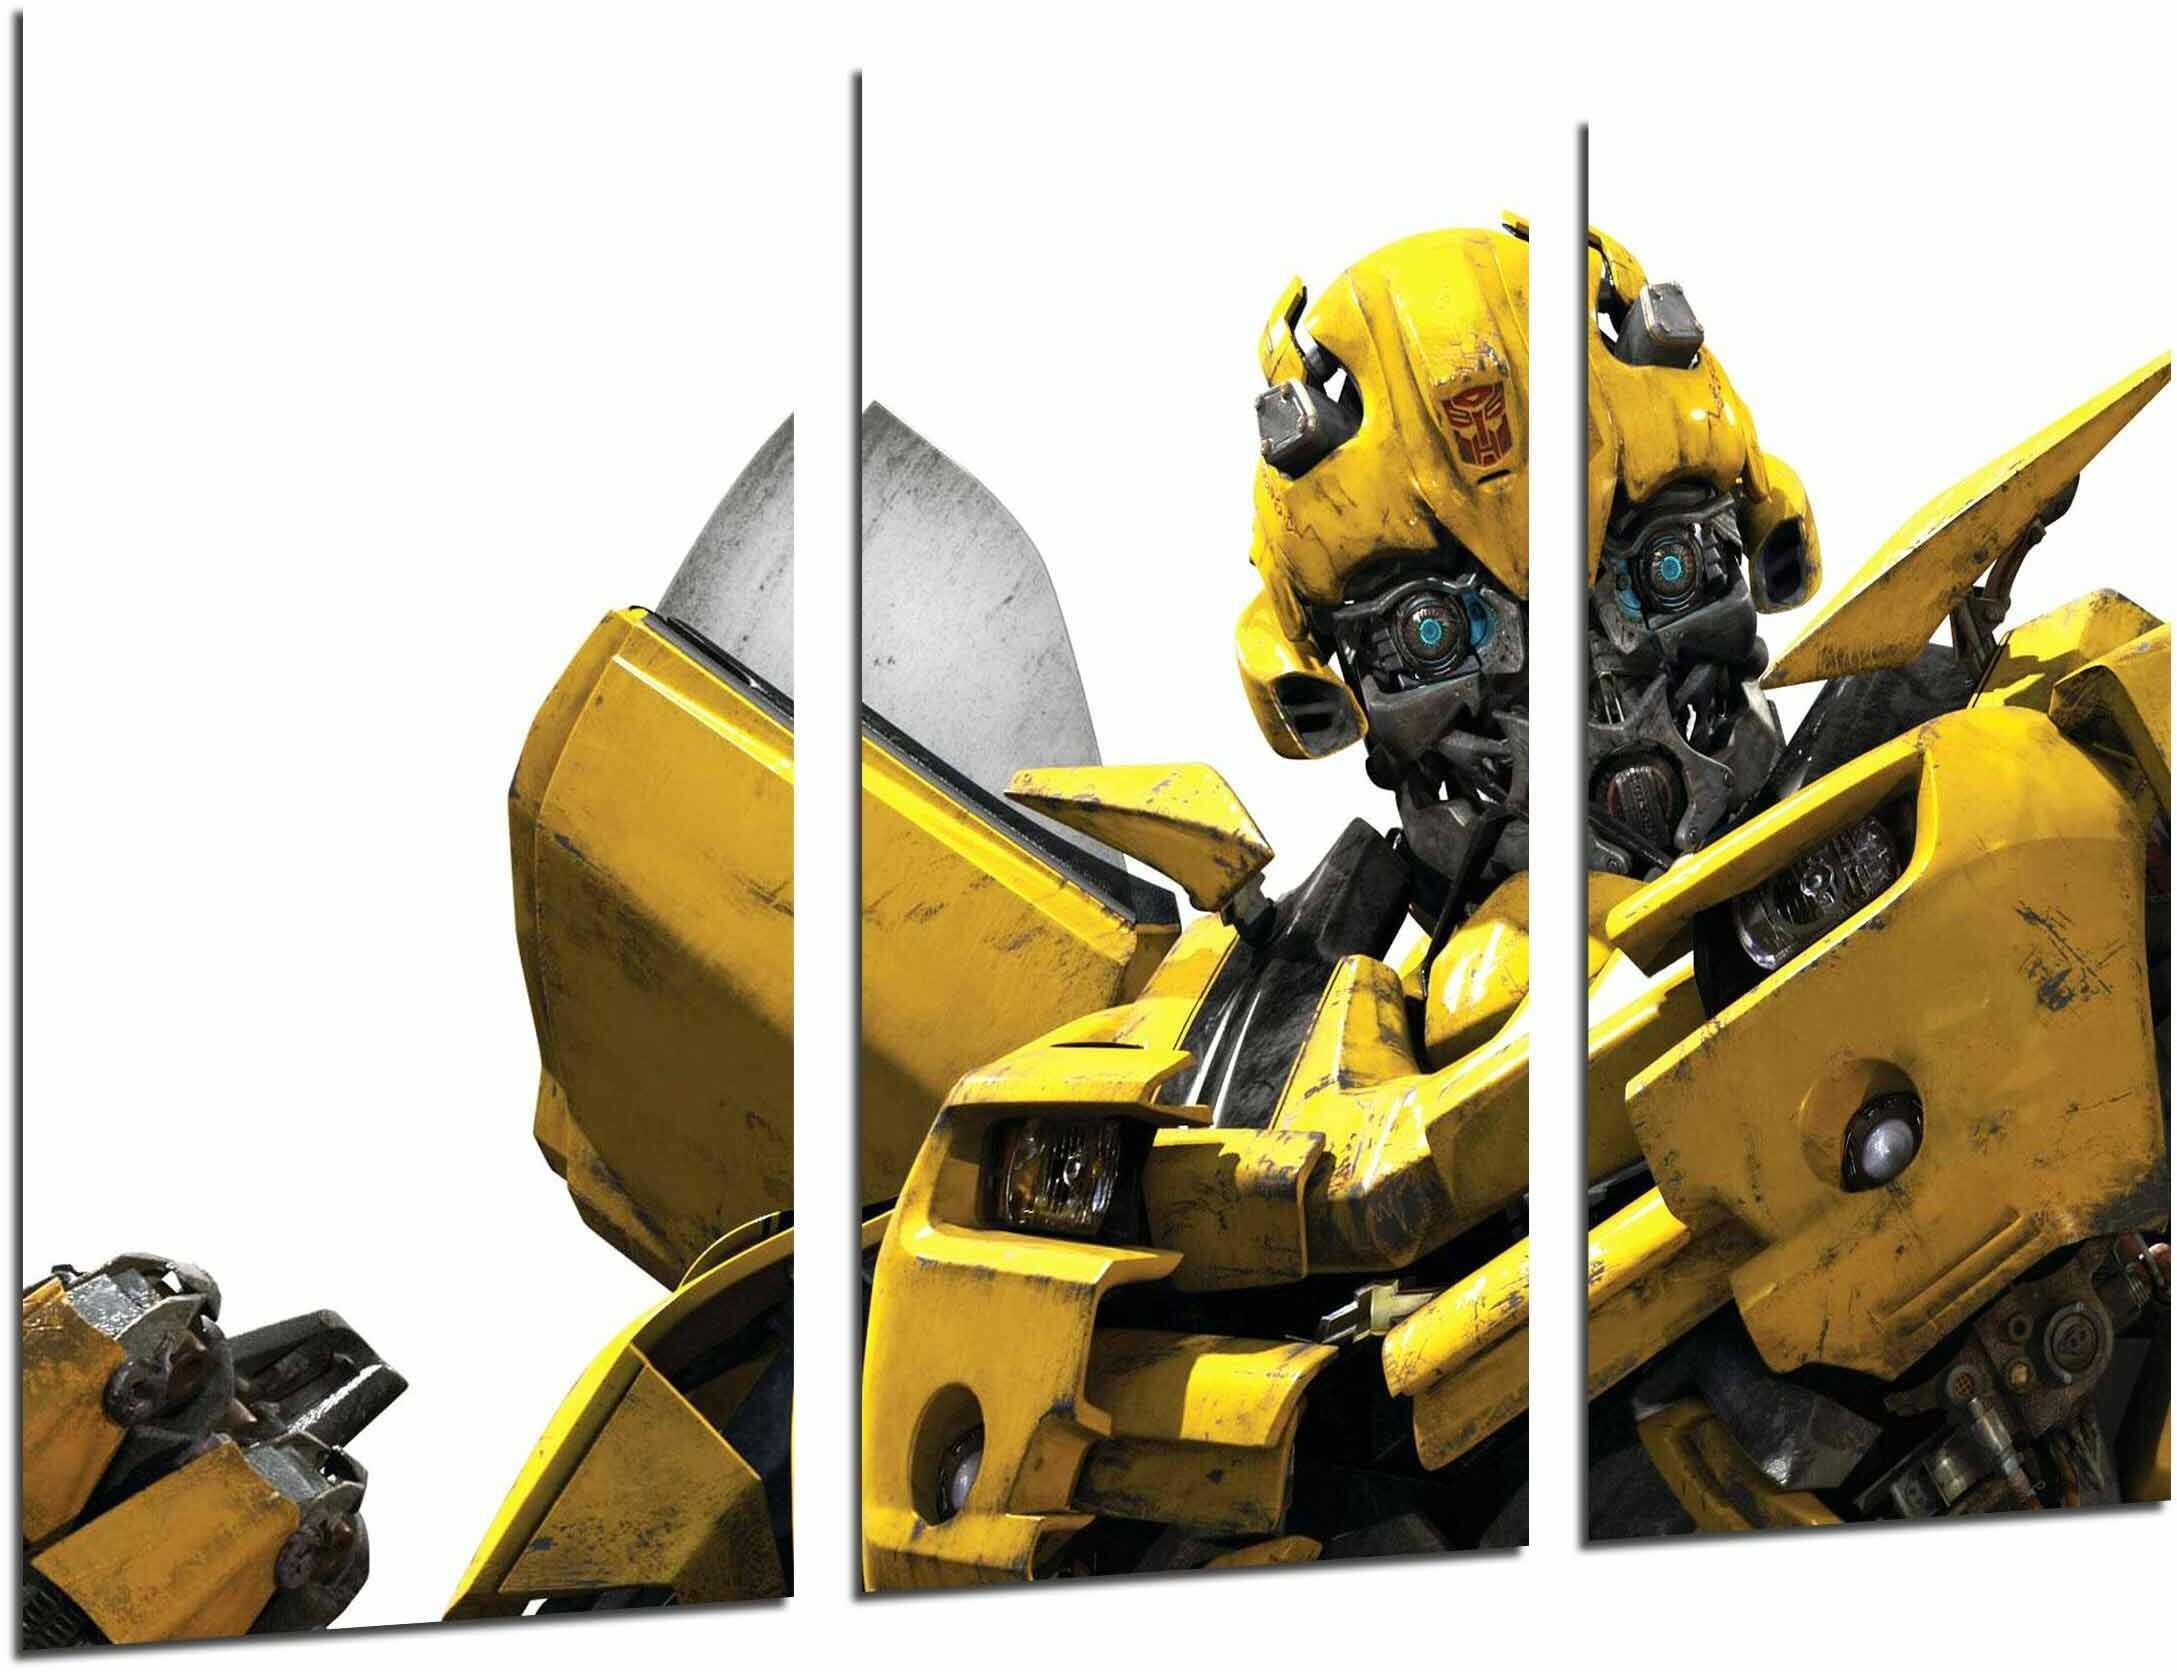 Obraz ścienny - Transformers żółty, Autobots, Hummel, biały, 97 x 62 cm, druk drewniany - format XXL - druk artystyczny, ref.26913